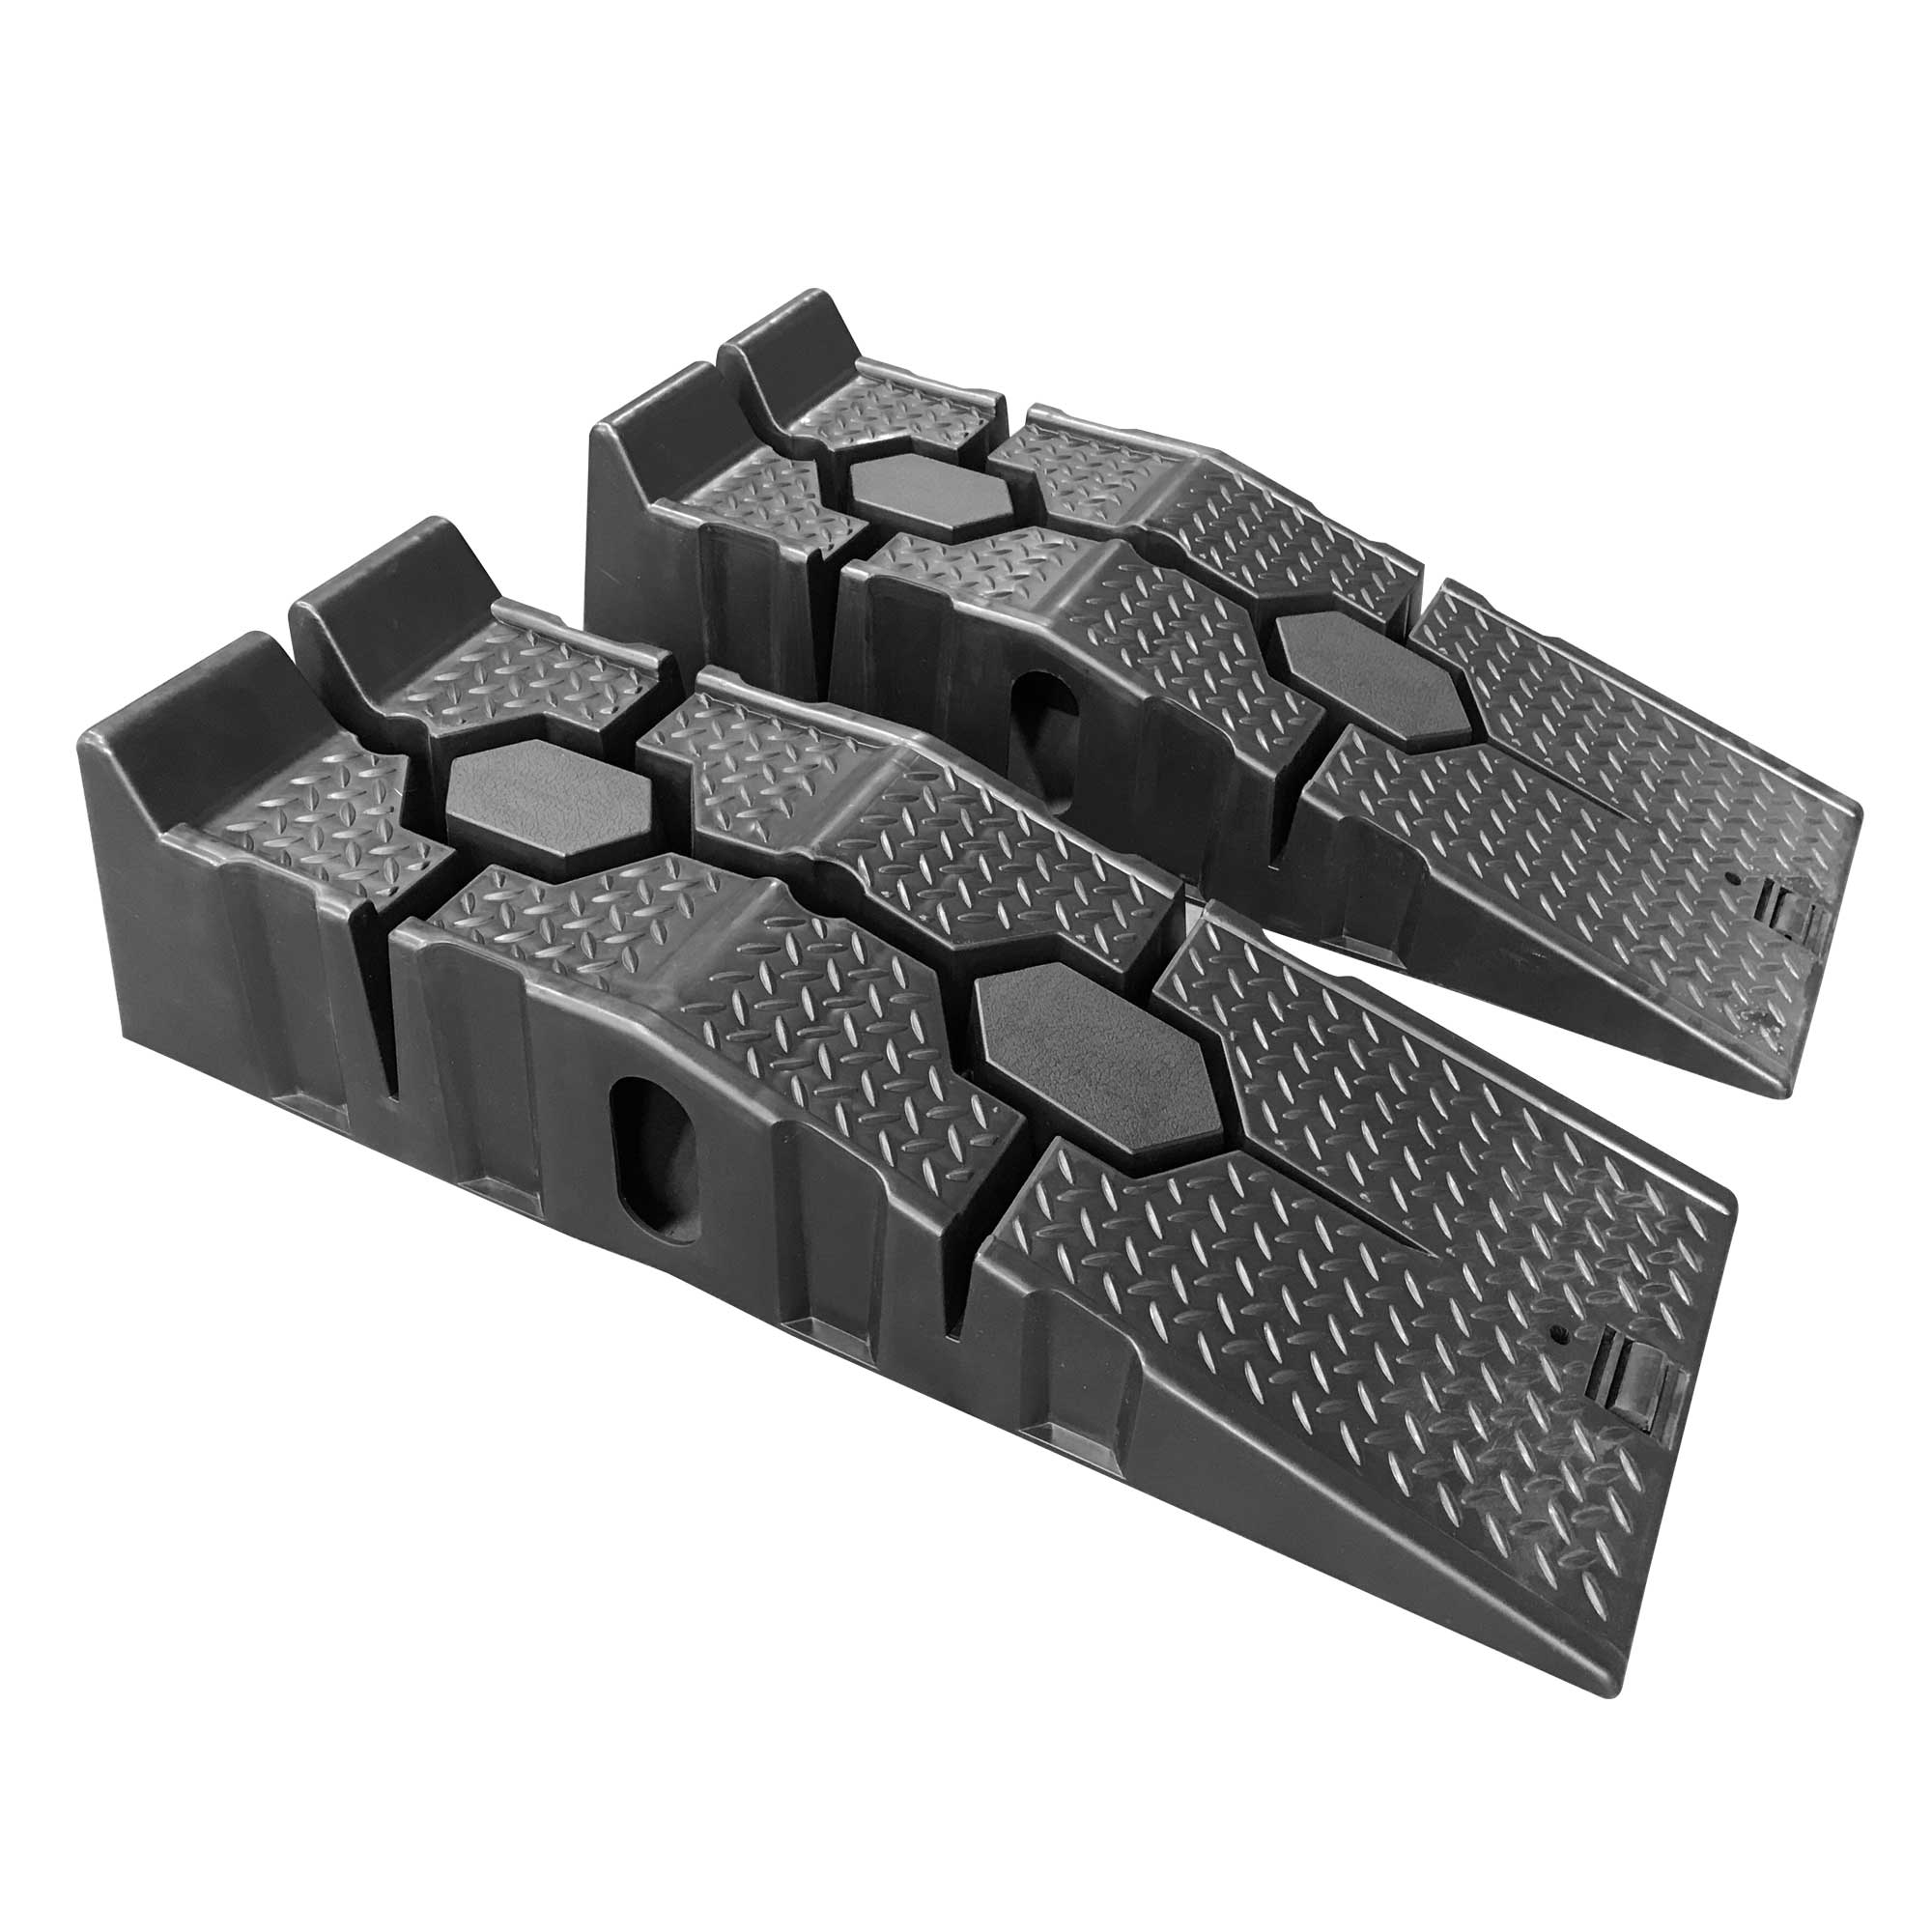 Auffahrrampe aus Kunststoff, schwarz,1 SET=2 Stck